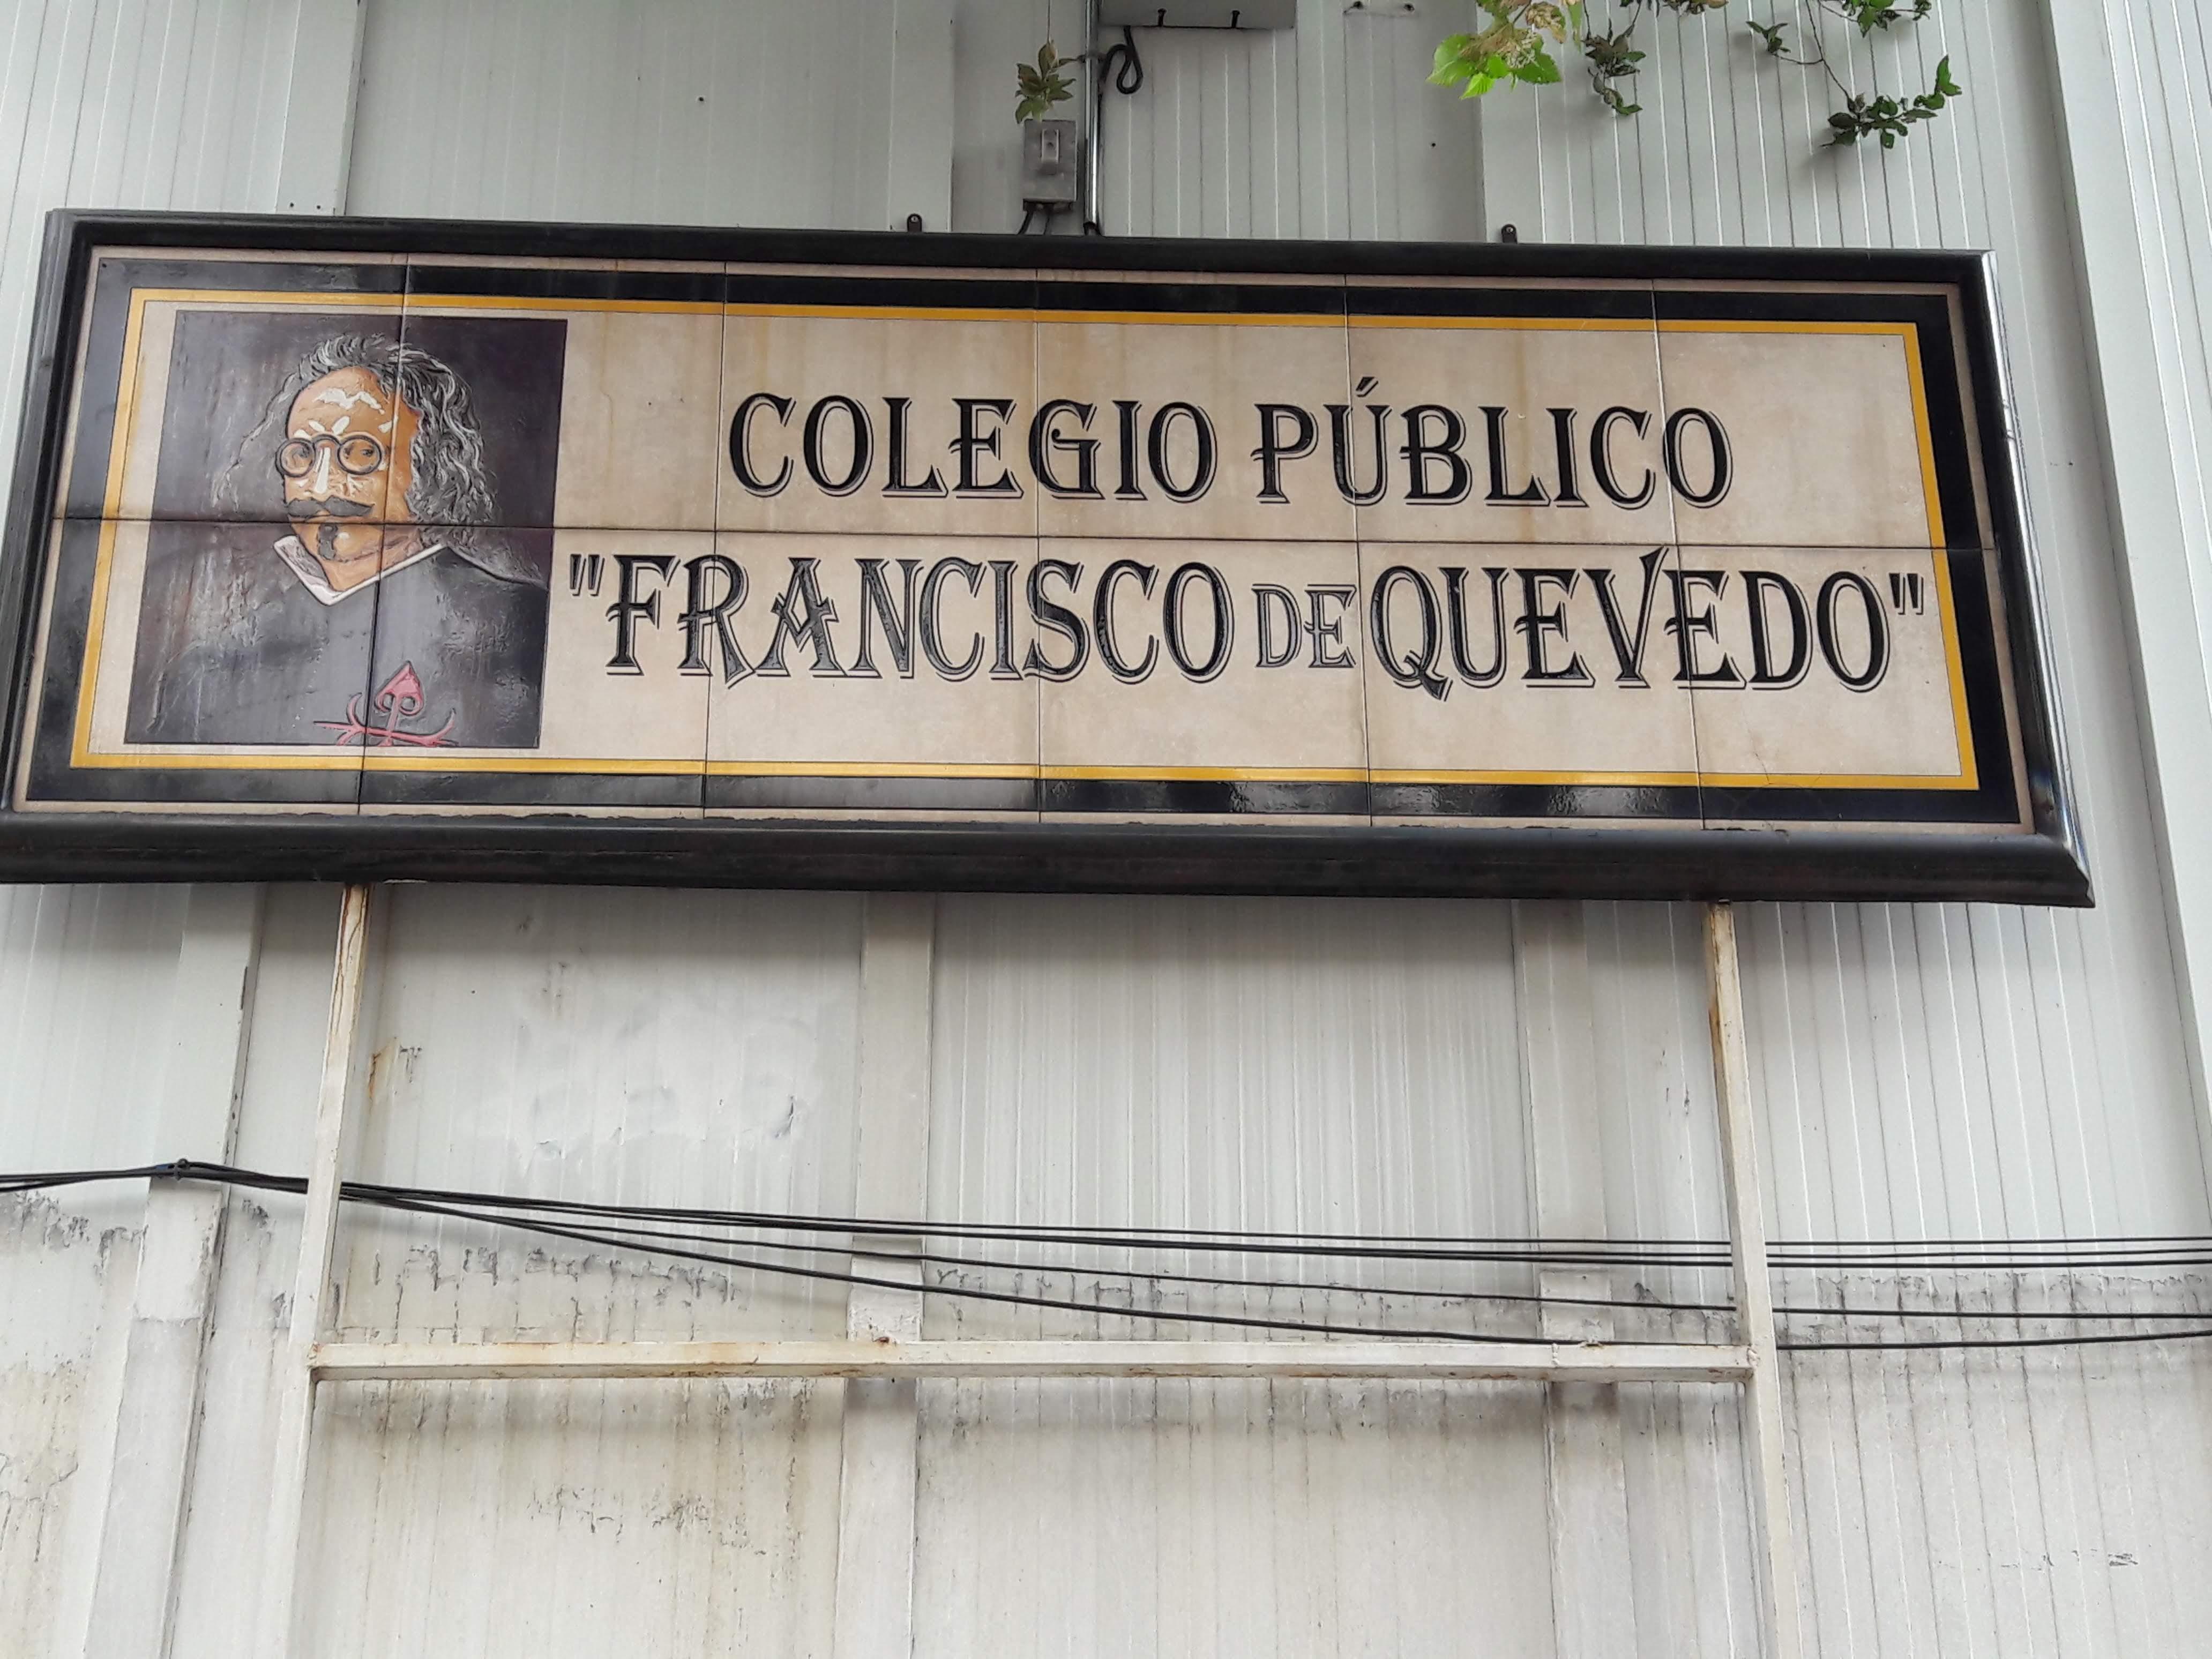 Colegio Público Francisco de Quevedo